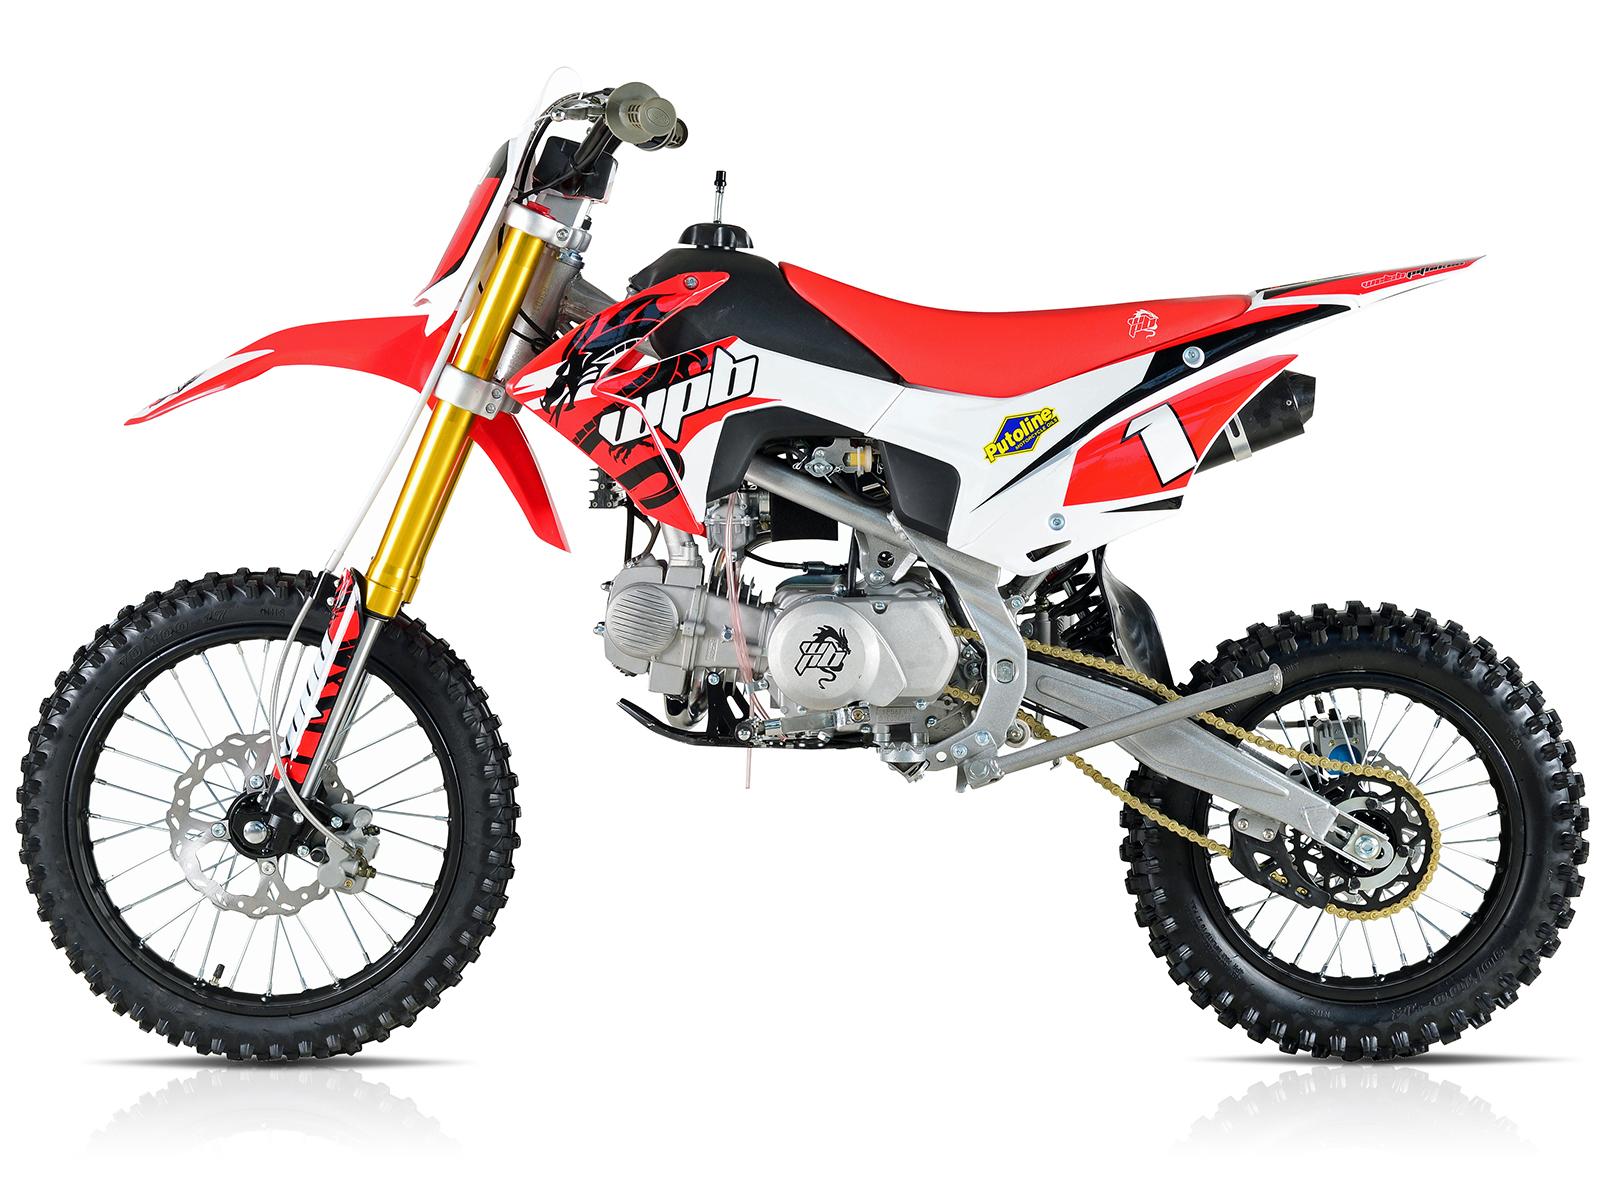 125cc Pitbikes Wpb Race 125 Pit Bike